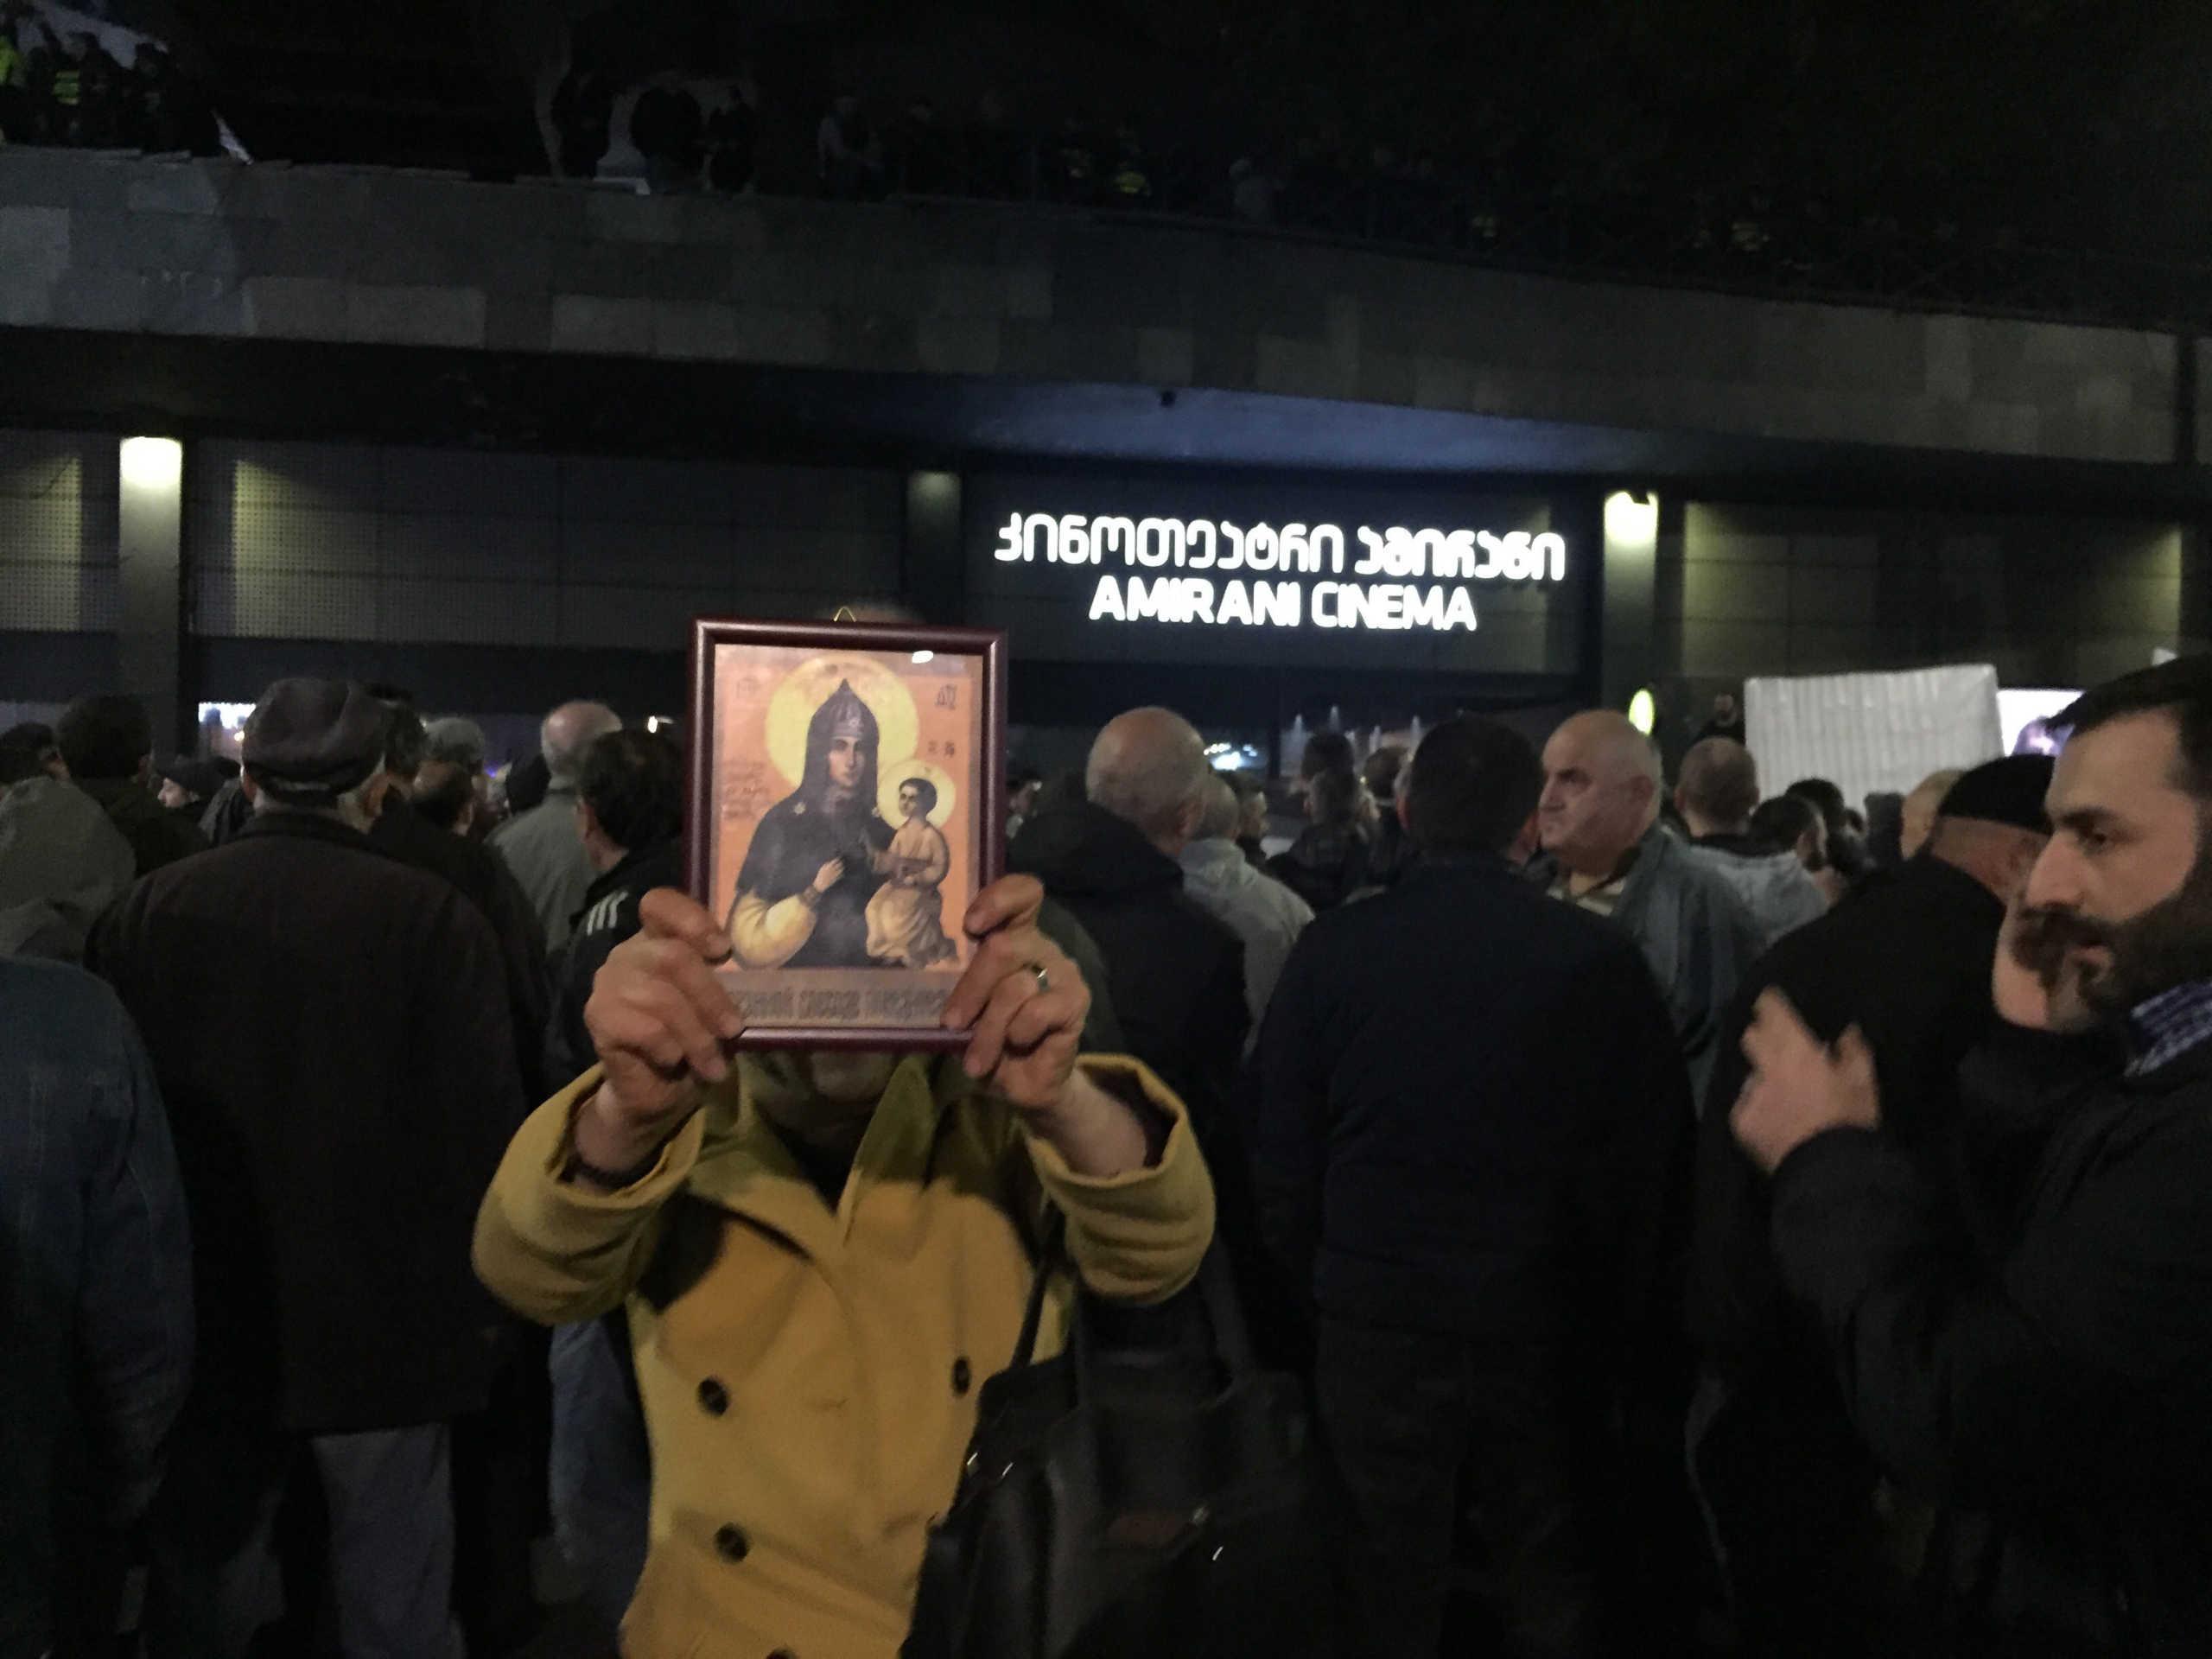 Κορονοϊός: Μην ασπάζεστε εικόνες και να κοινωνάτε με κουταλάκια μιας χρήσης λέει η Εκκλησία στη Ρουμανία